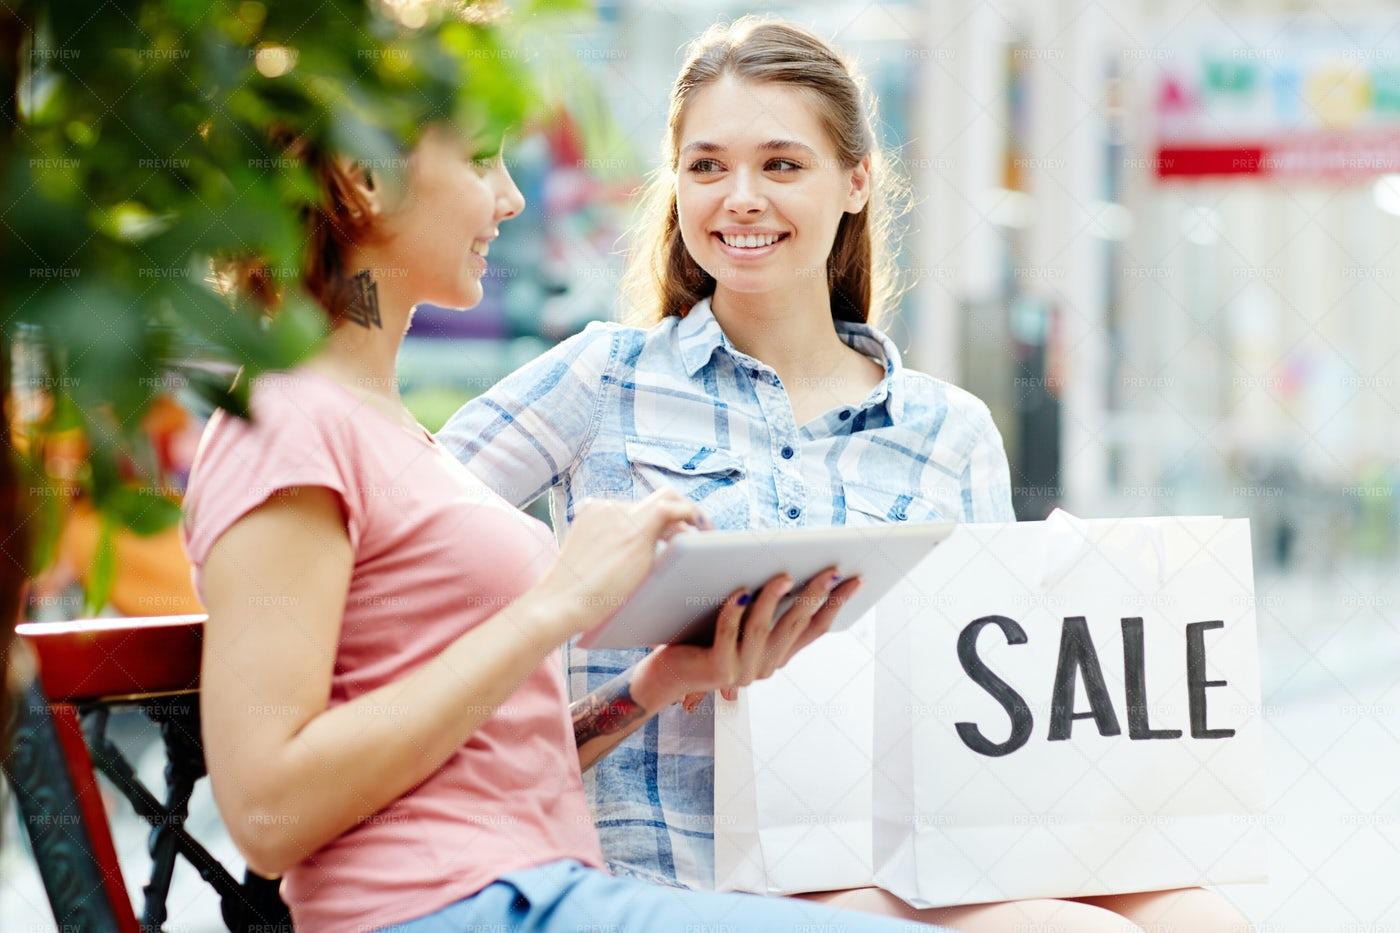 Hot E-sale: Stock Photos